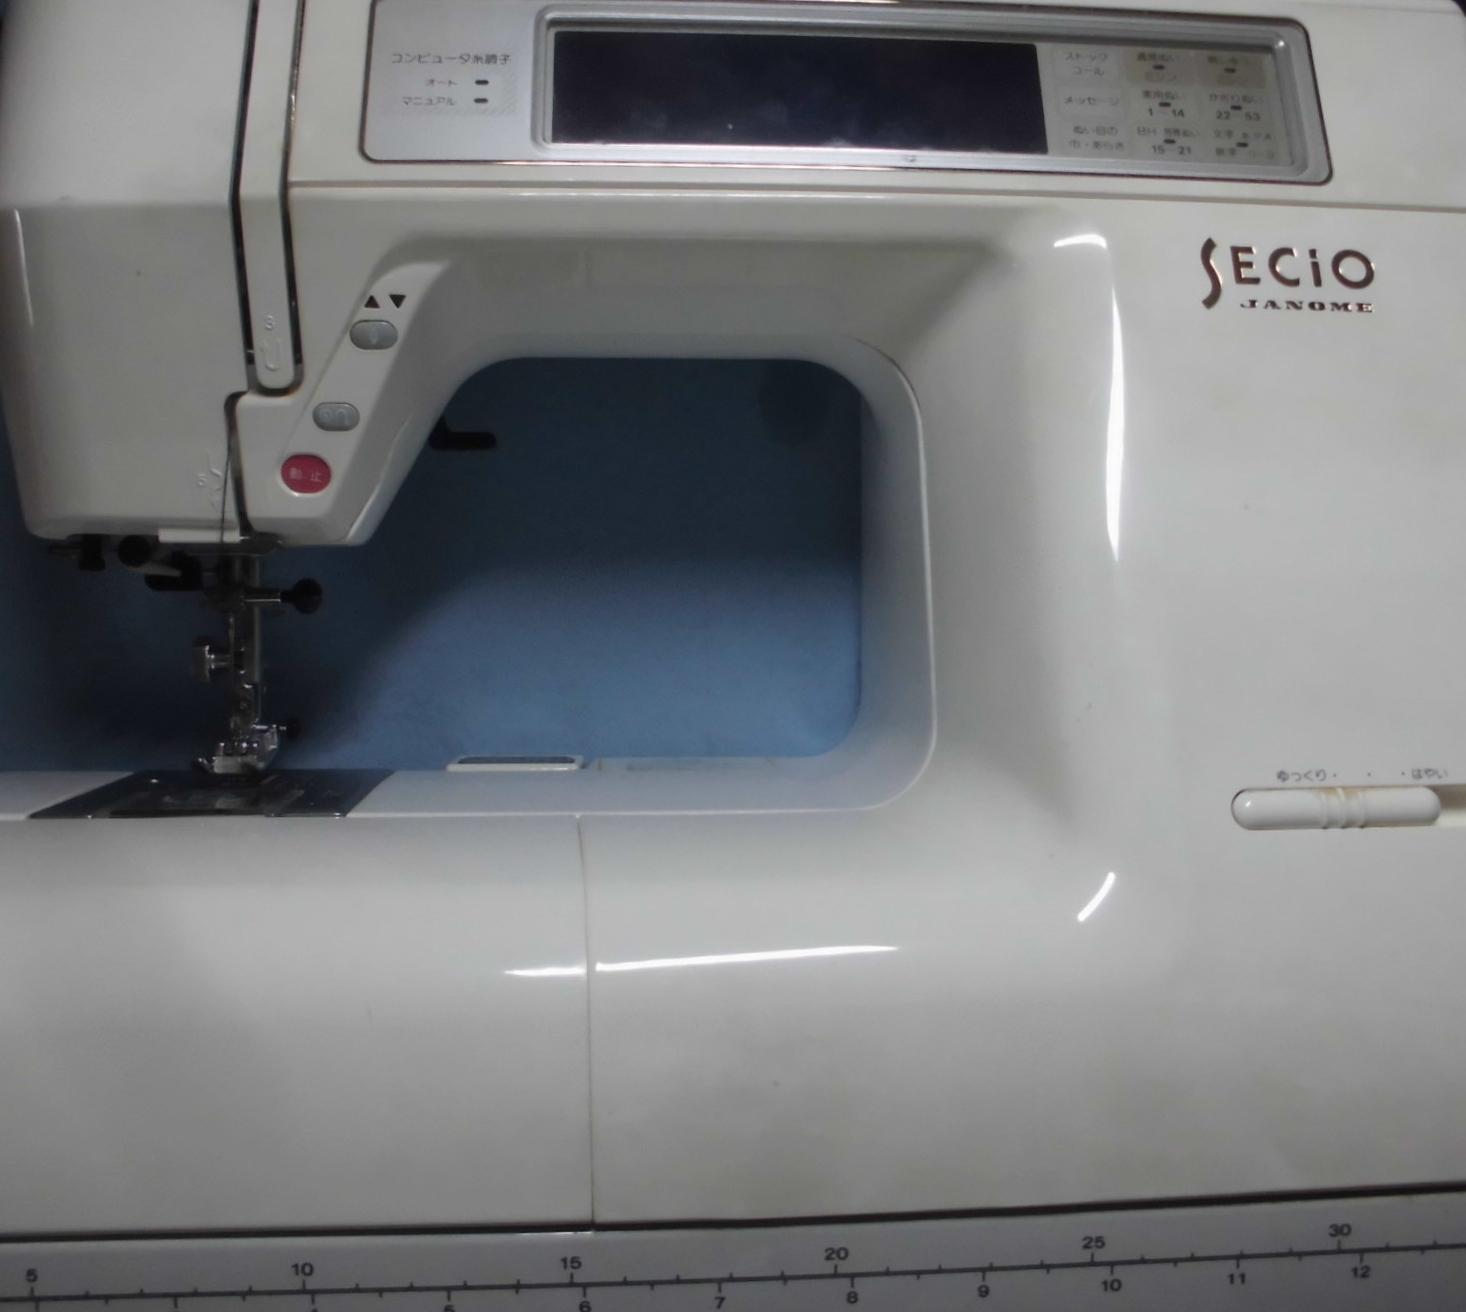 ジャノメミシン修理|セシオ8210|ガガガ異音、動かない、エラー、液晶が暗くて見えない